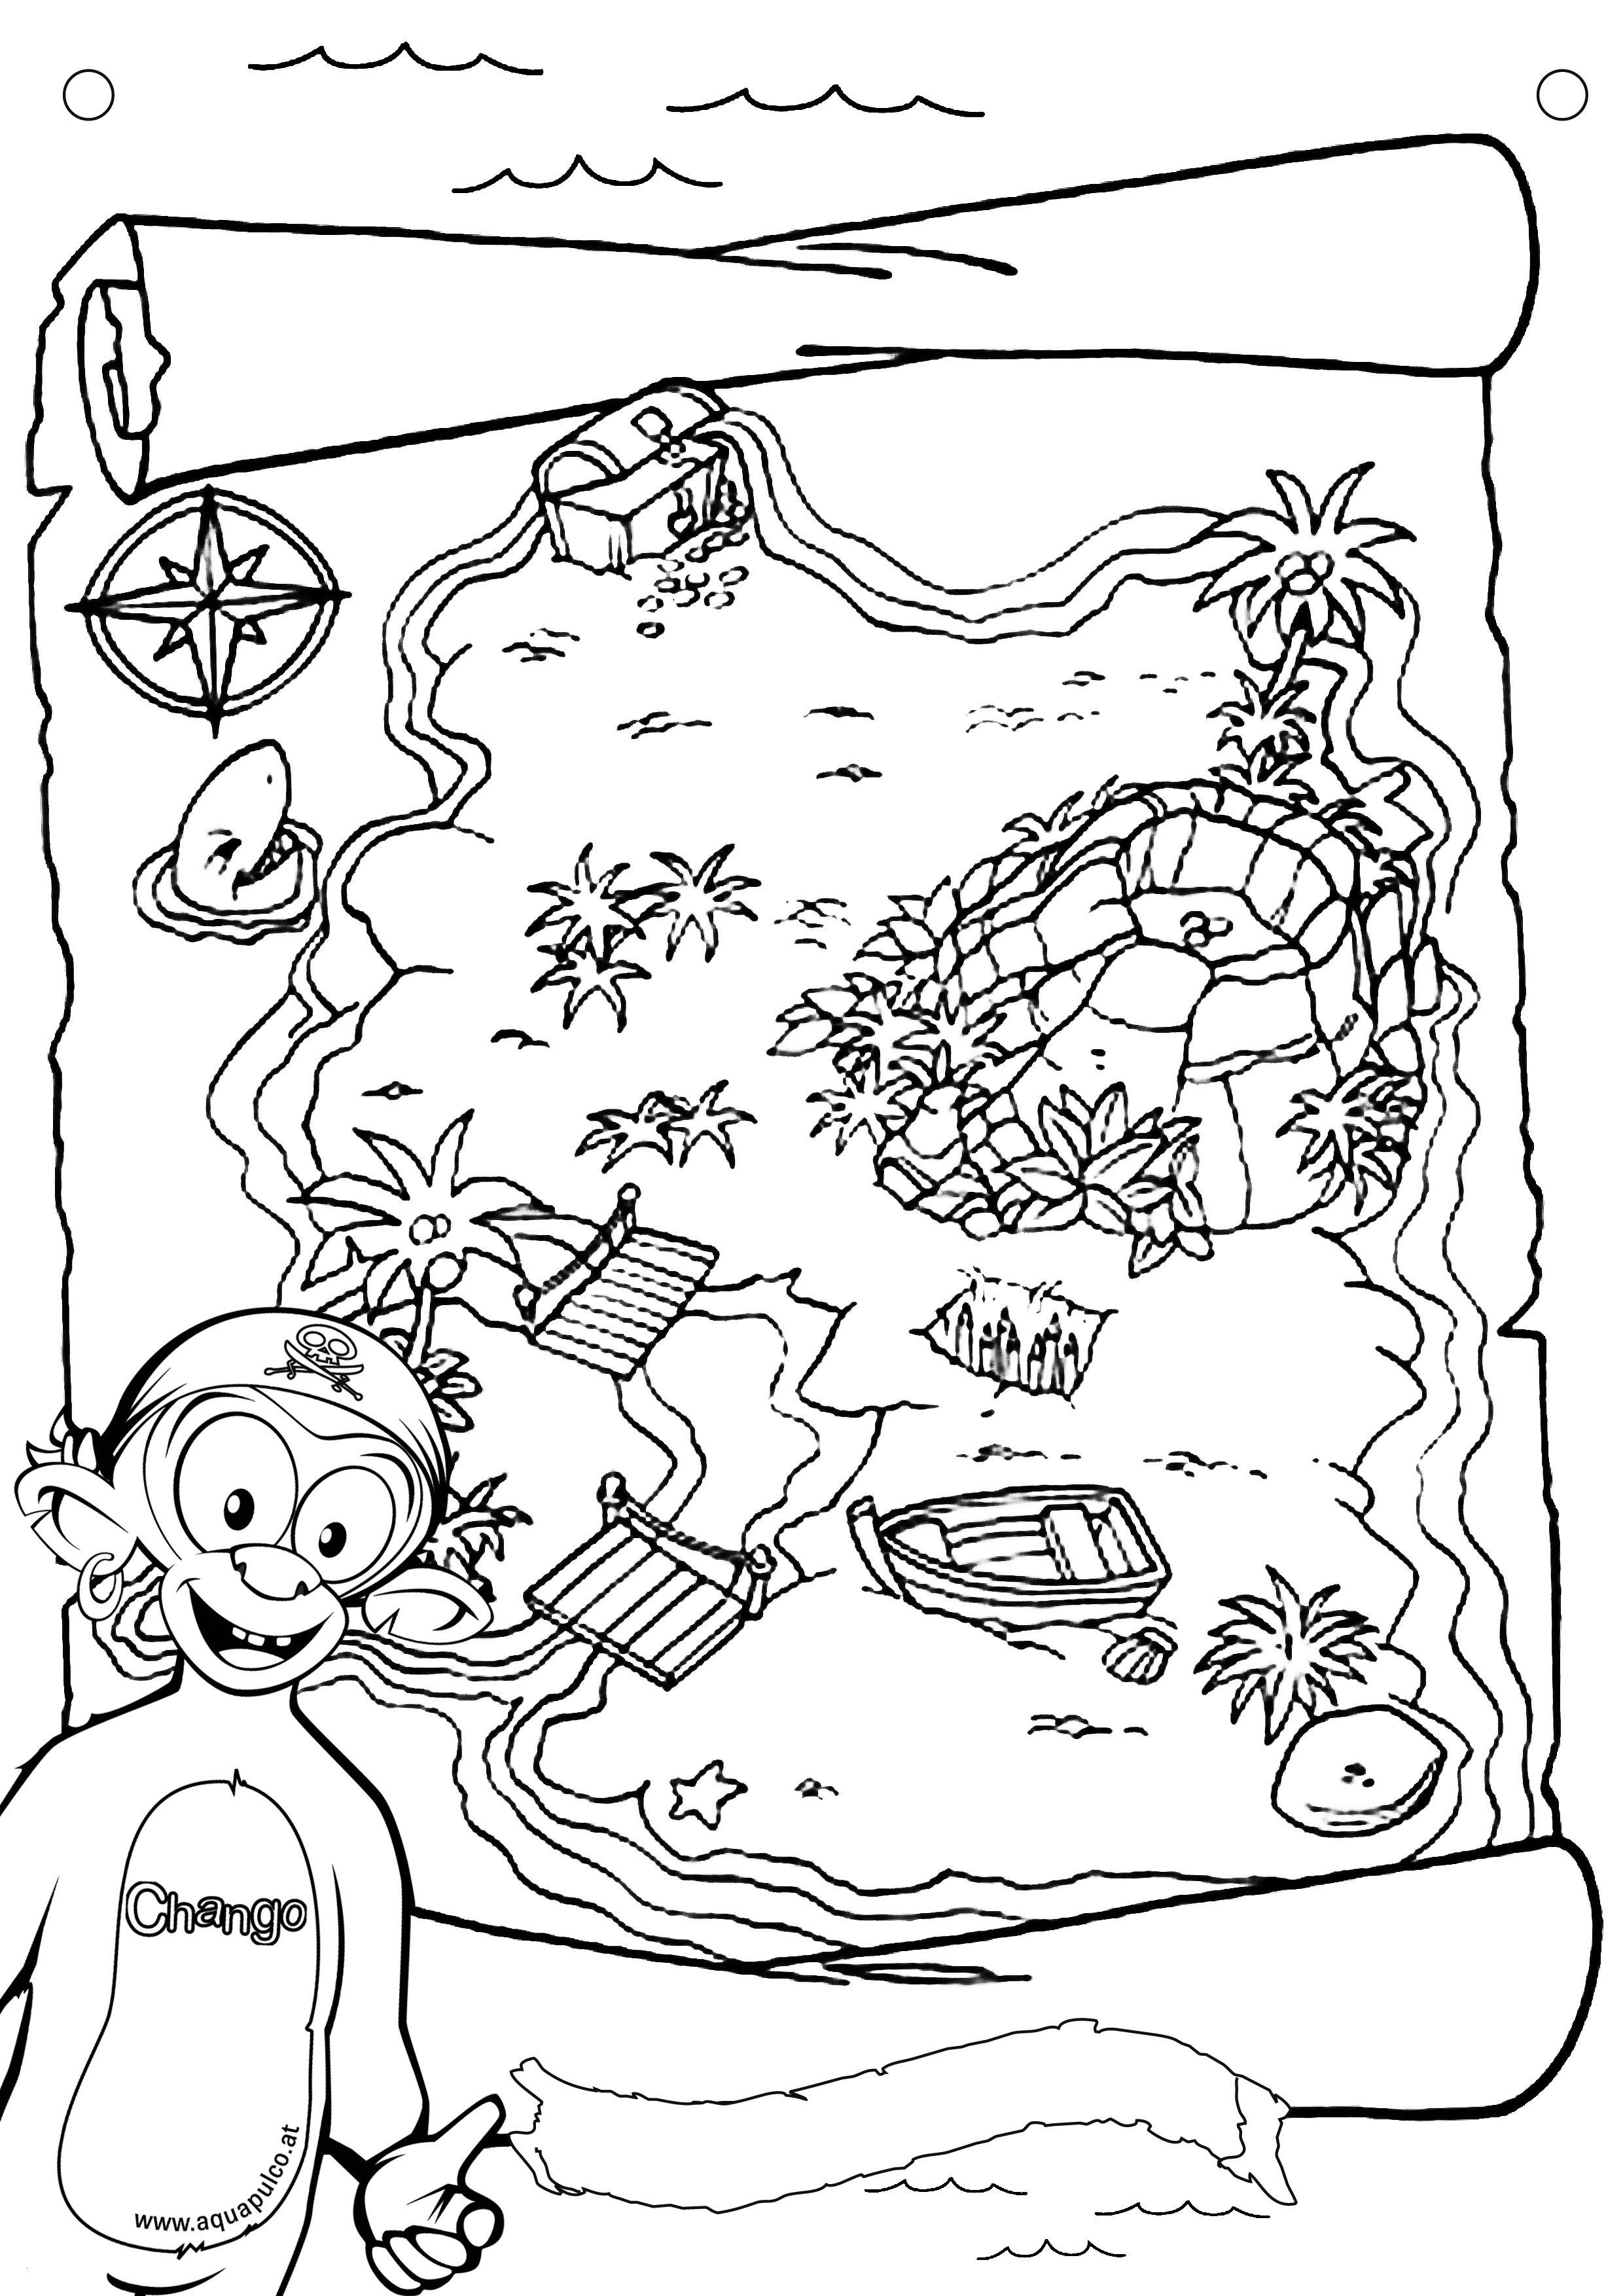 Winnie Pooh Malvorlage Frisch Ausmalbilder Piraten Schatz Best Malvorlagen Aquapulco Schön Winnie Das Bild